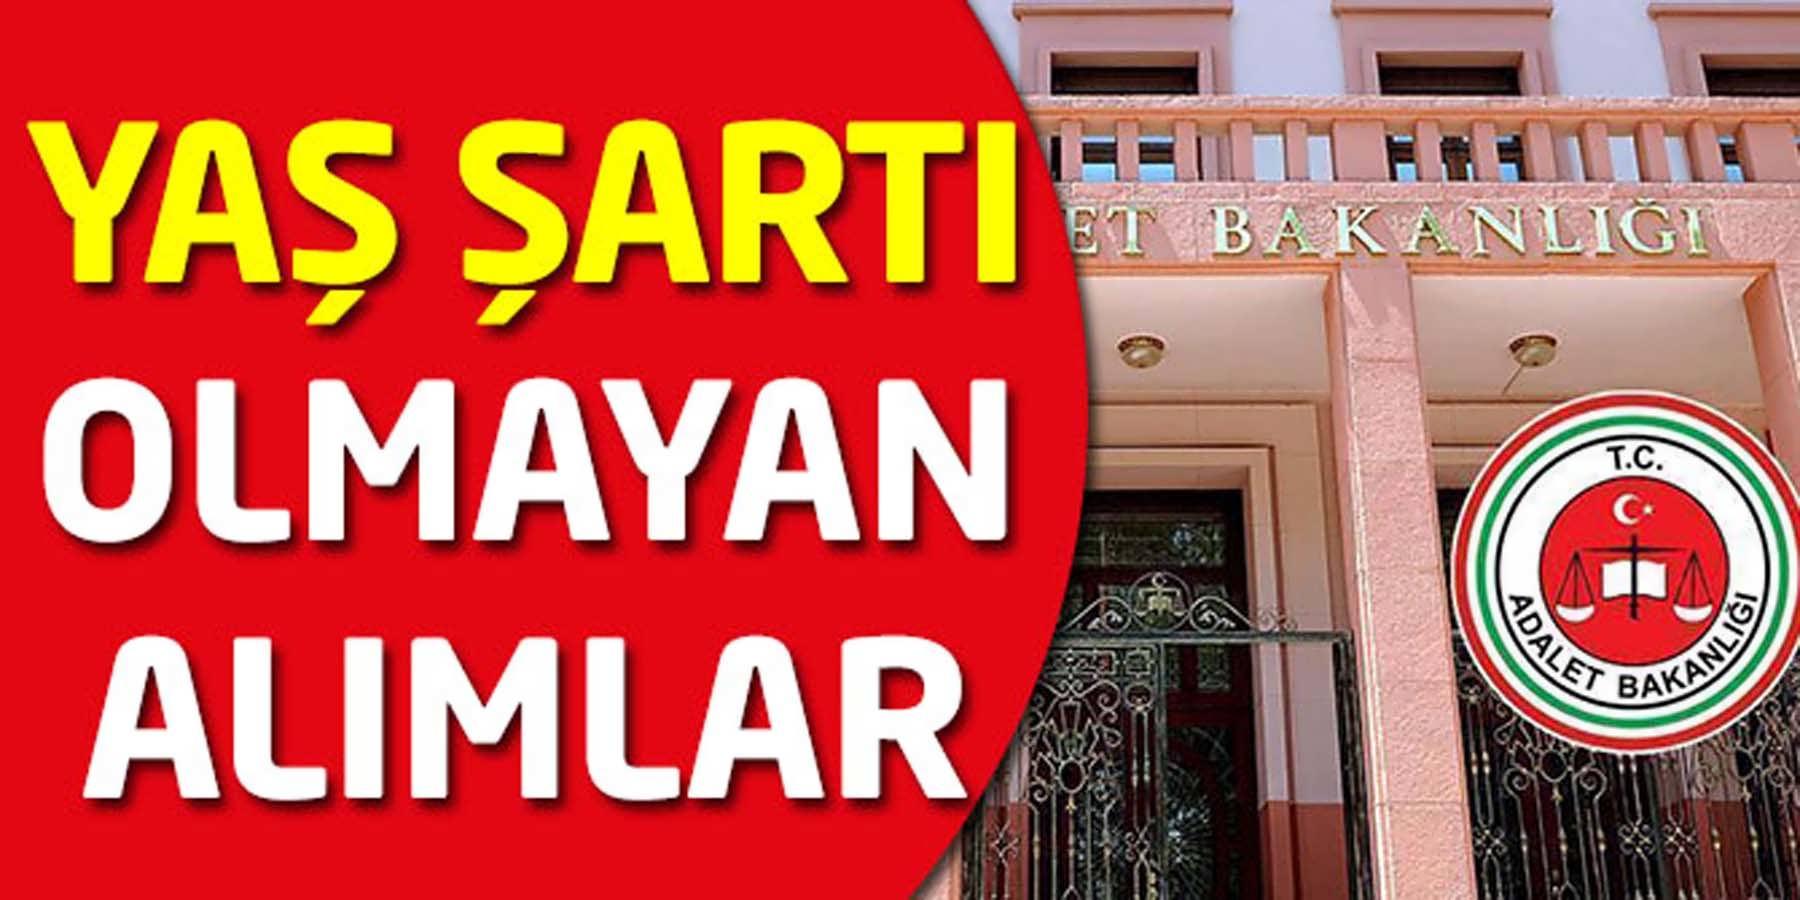 Adalet Bakanlığı 14 Bin Memur Alımında Yaş Şartı Olmayan Kadrolar